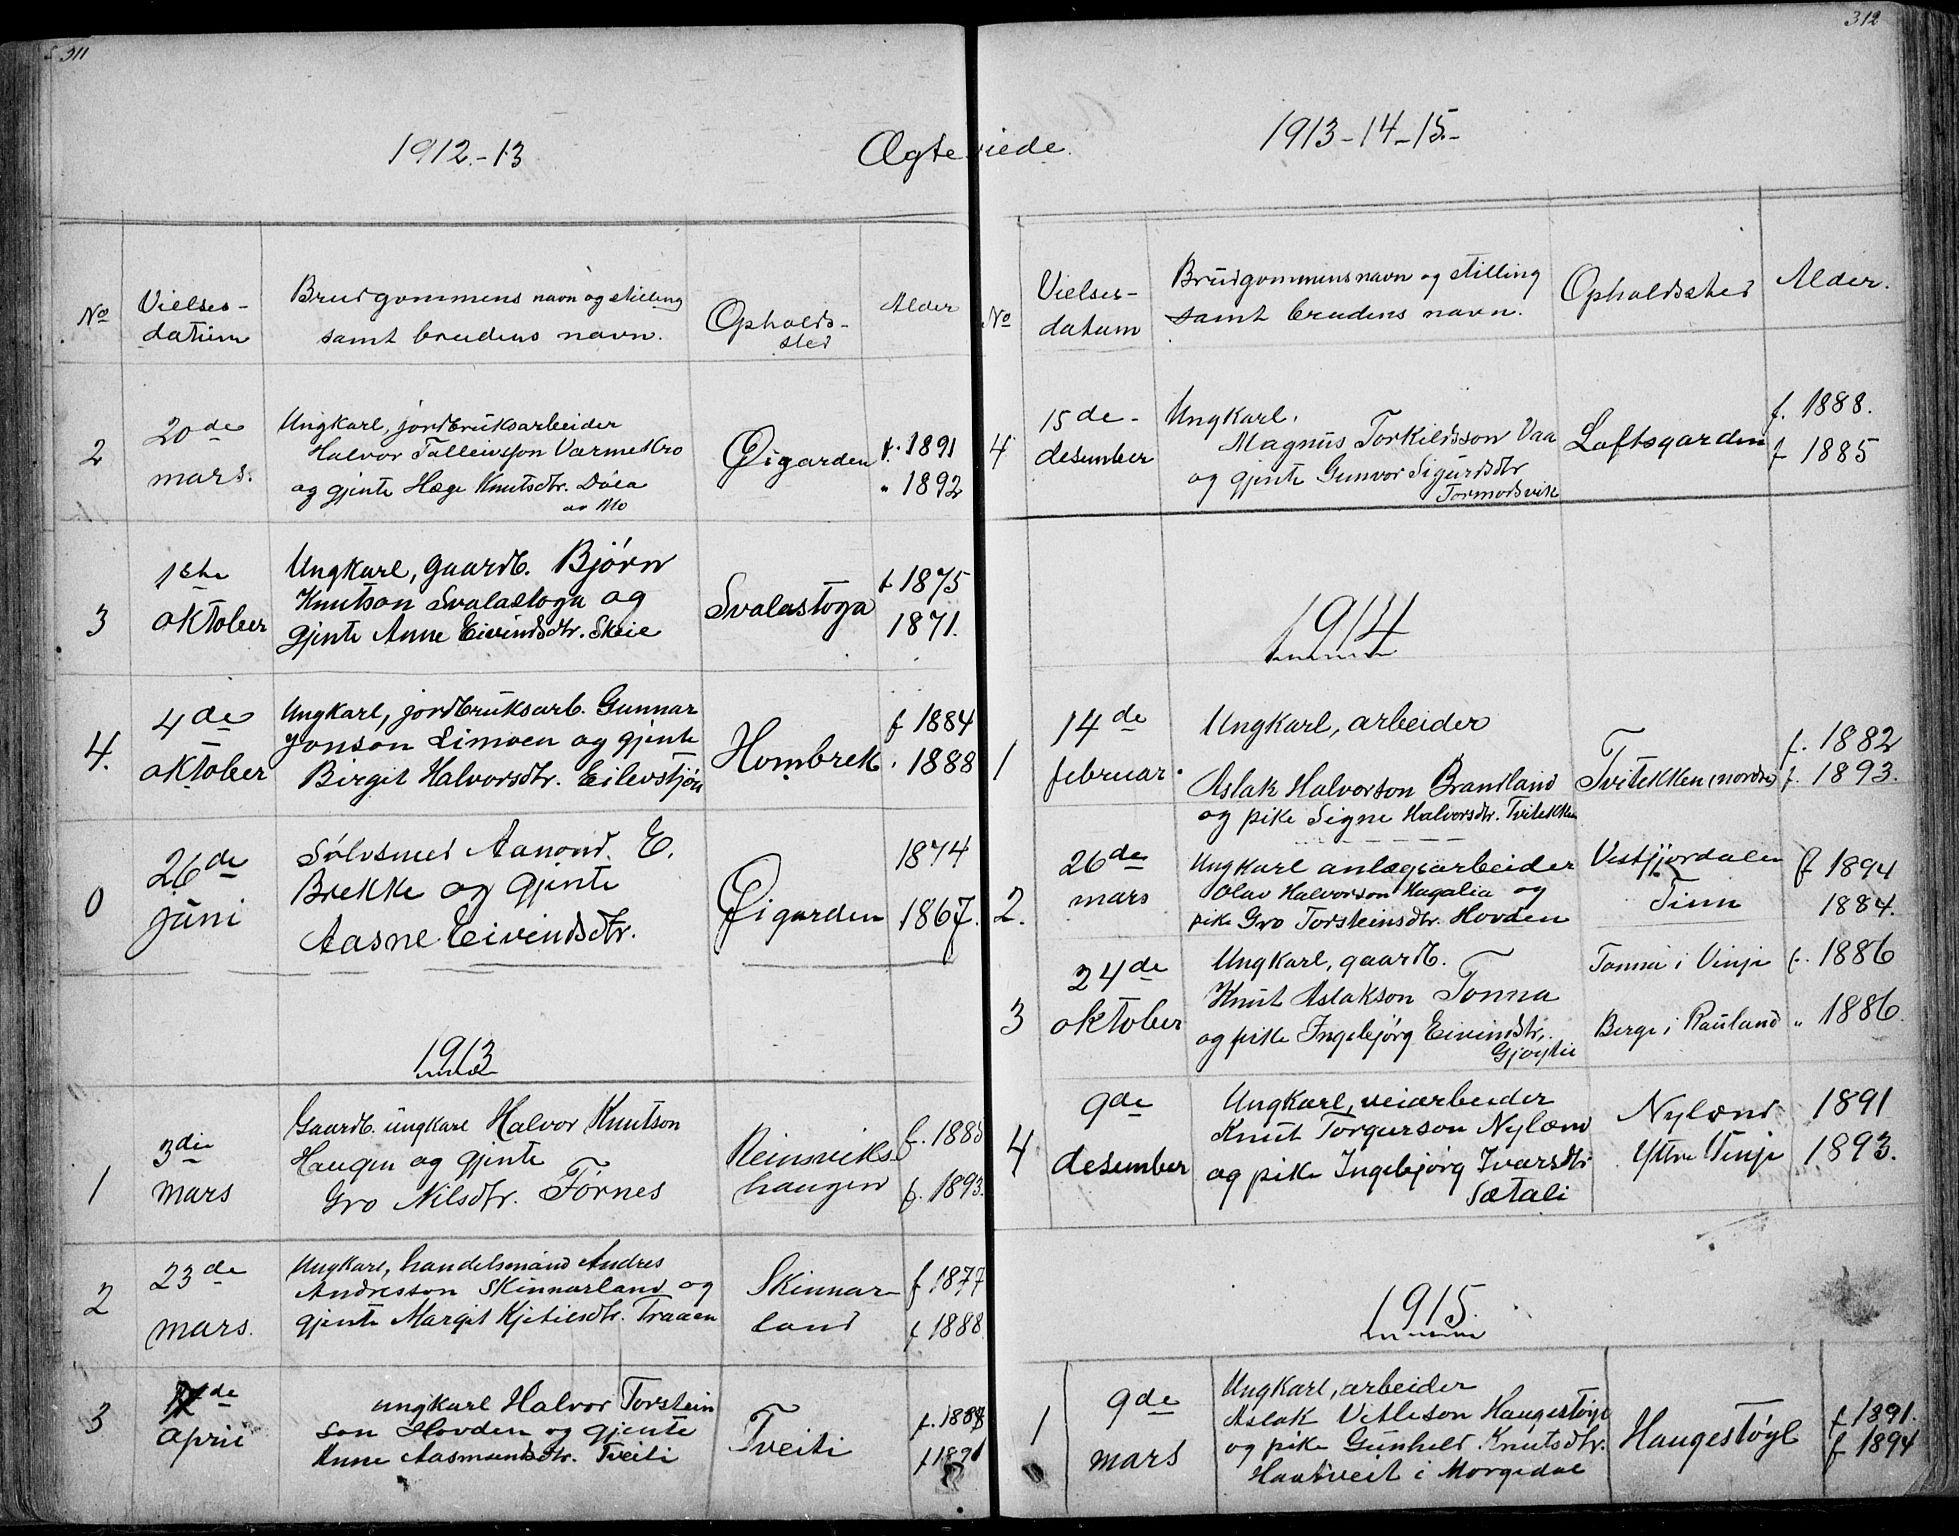 SAKO, Rauland kirkebøker, G/Ga/L0002: Klokkerbok nr. I 2, 1849-1935, s. 311-312